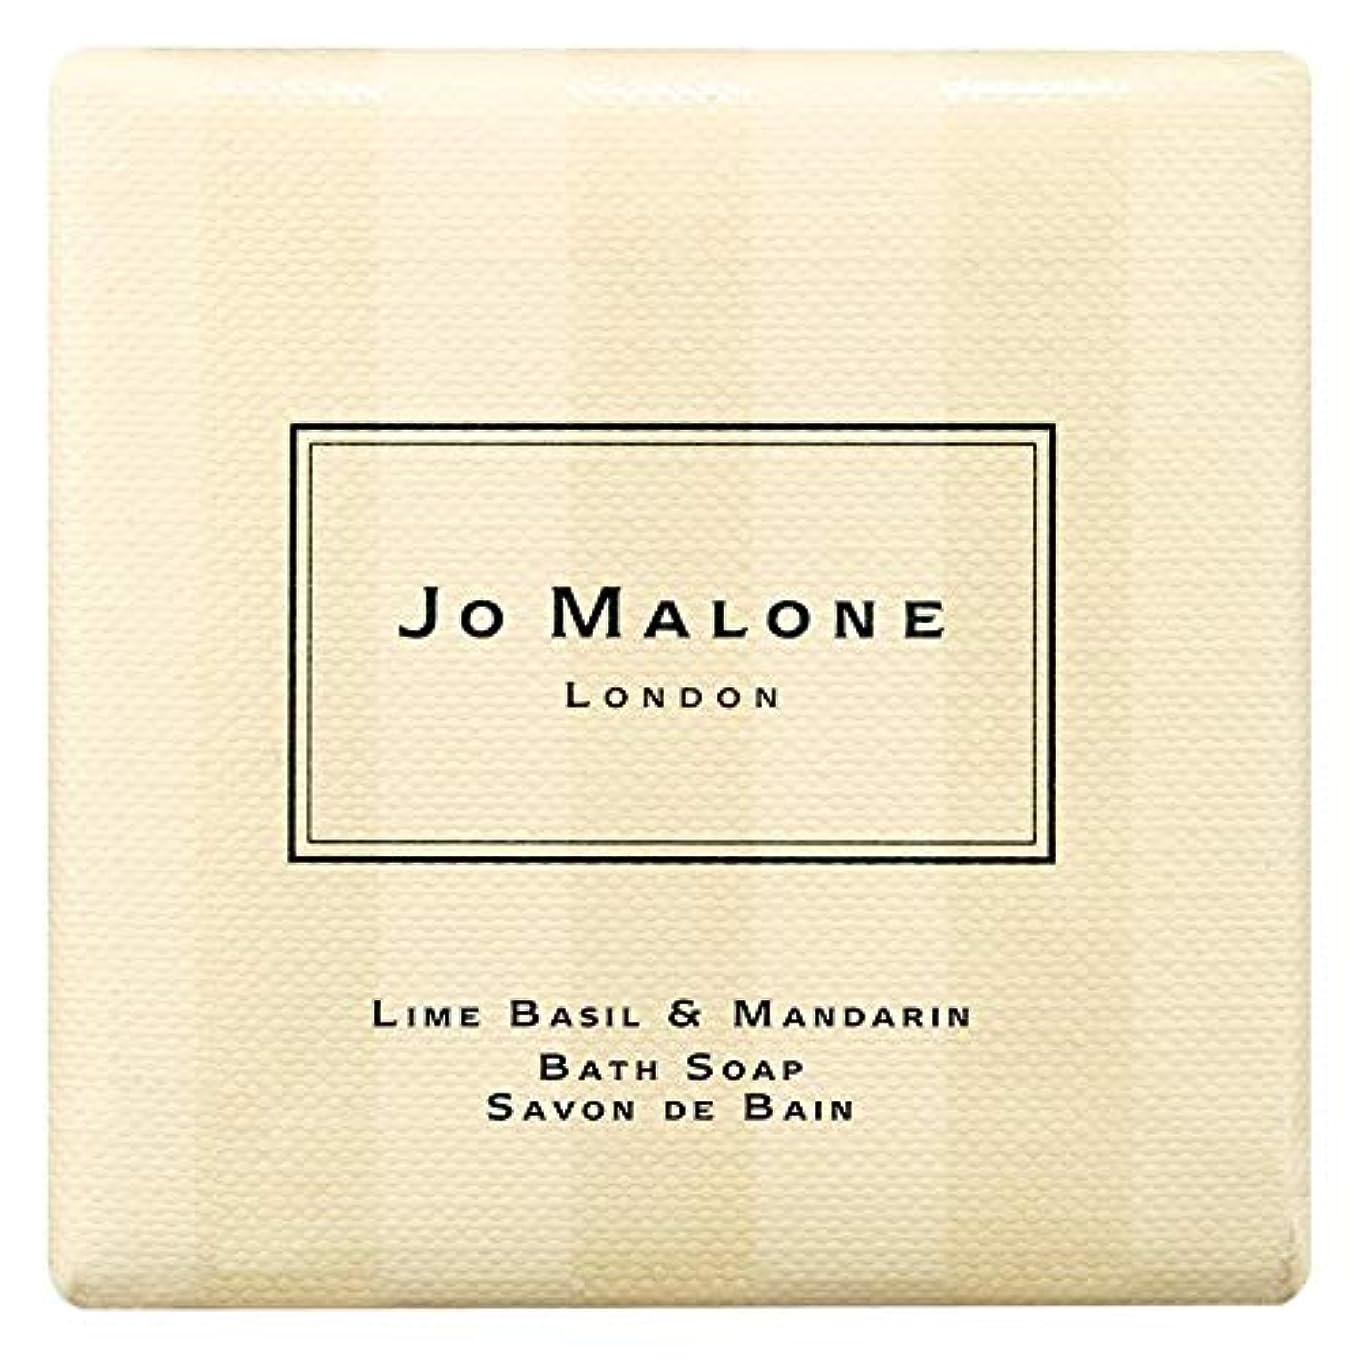 エミュレーション守る豆腐[Jo Malone] ジョーマローンロンドンライムバジル&マンダリンお風呂の石鹸100グラム - Jo Malone London Lime Basil & Mandarin Bath Soap 100g [並行輸入品]